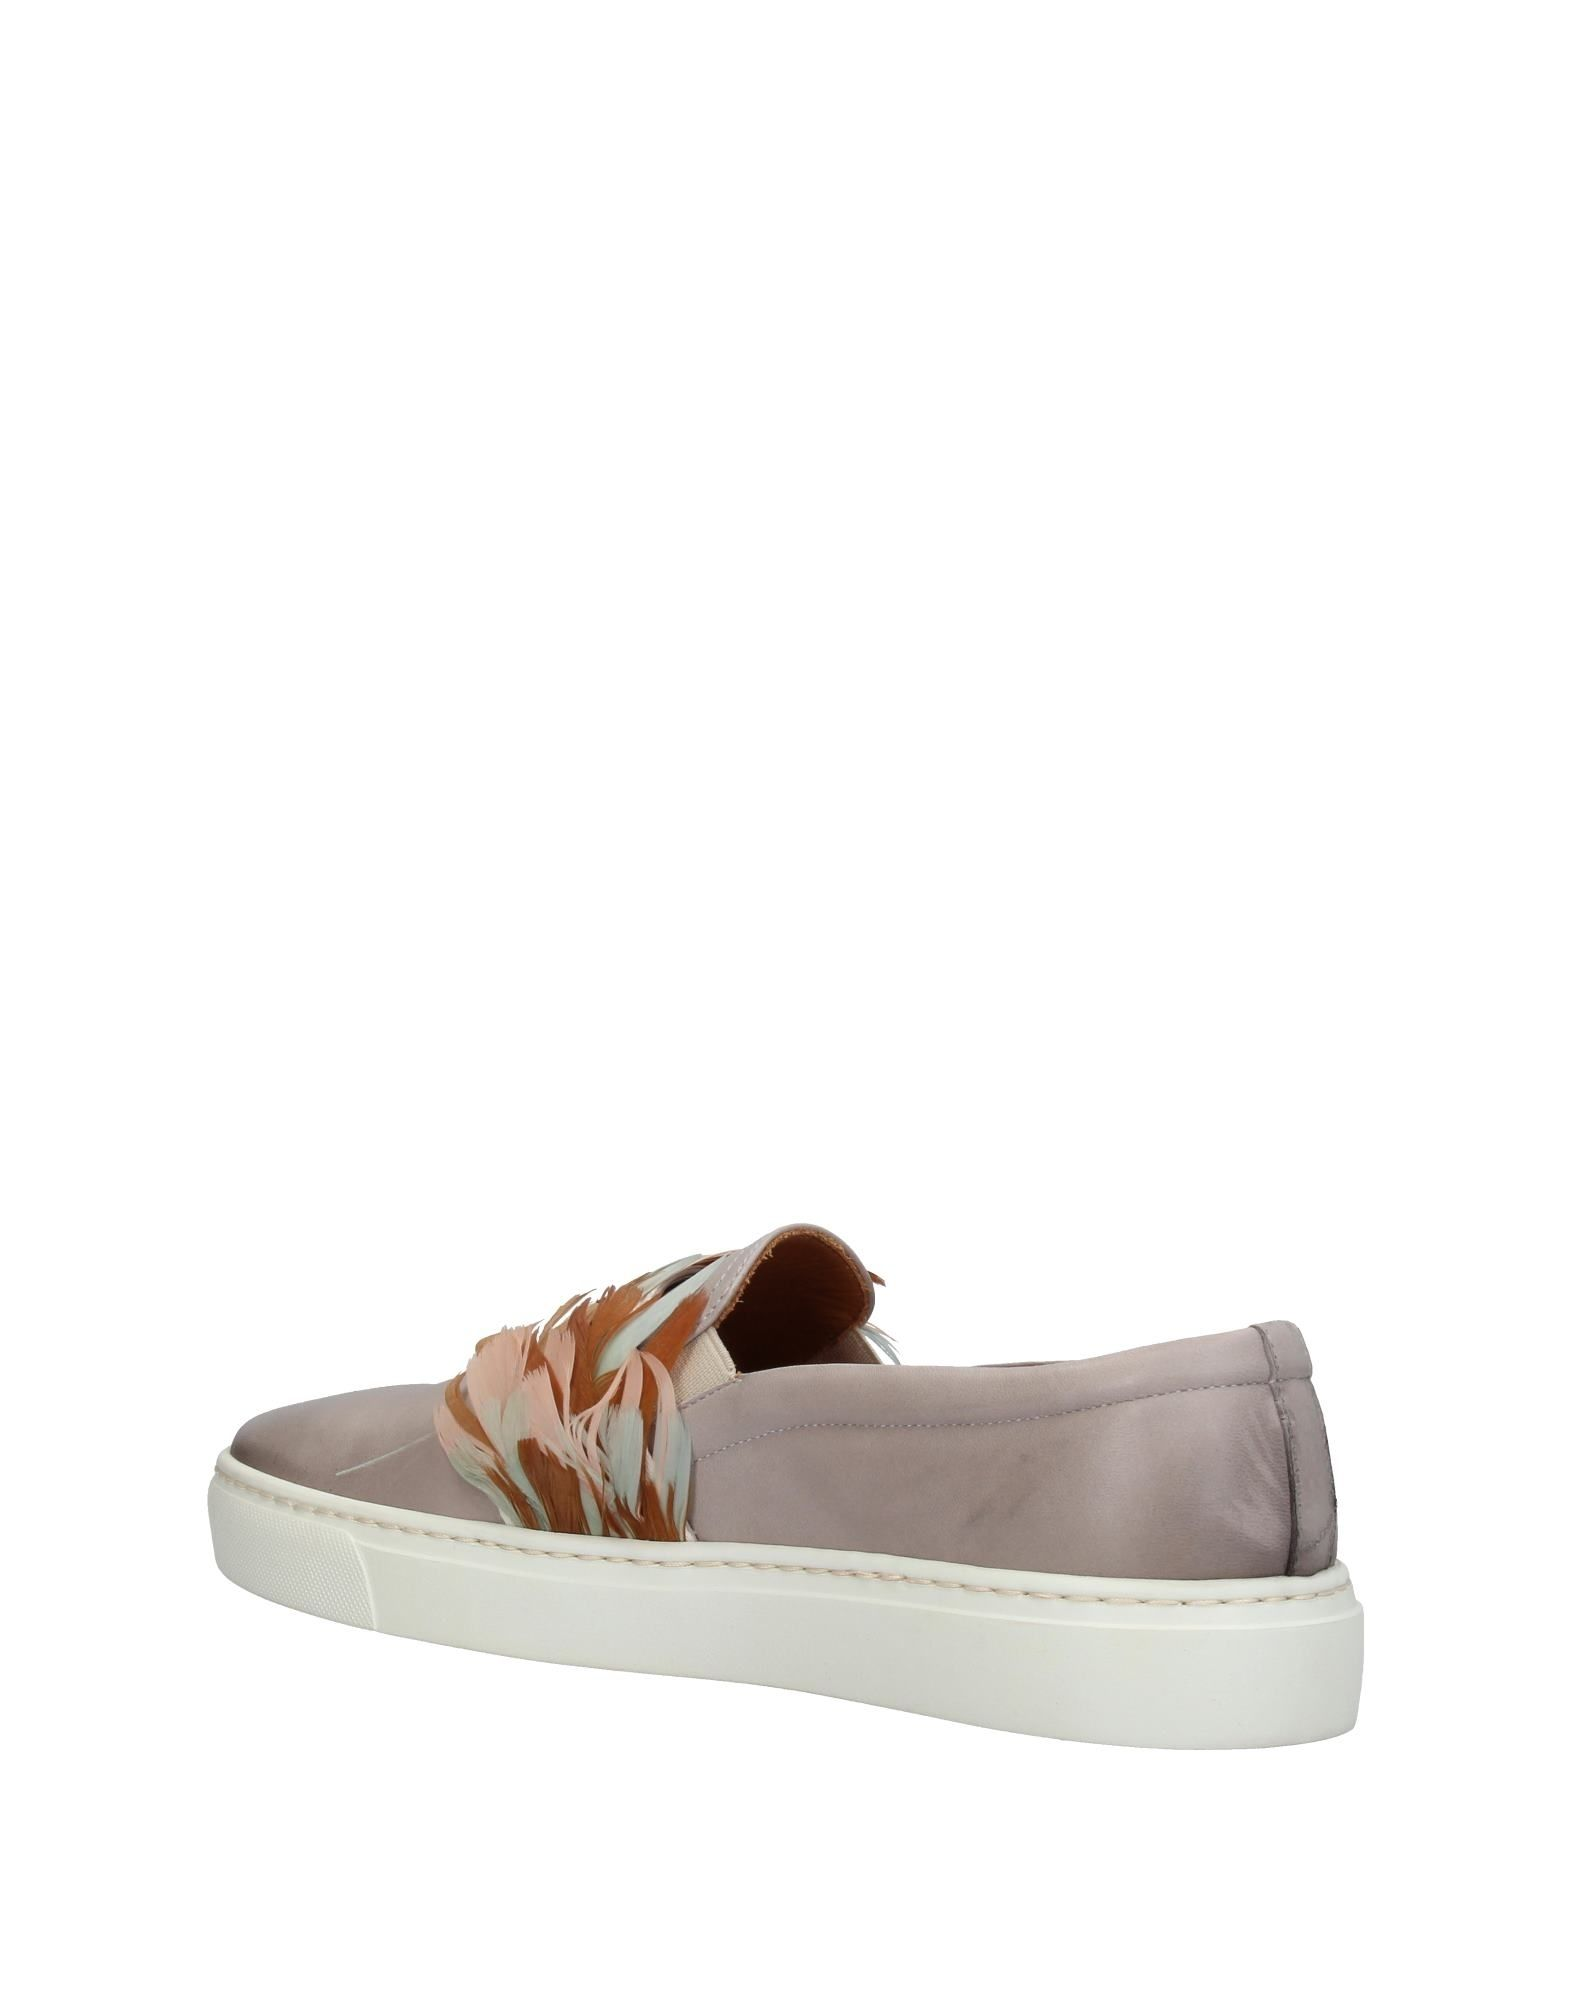 Sneakers Doucals Femme - Sneakers Doucals sur